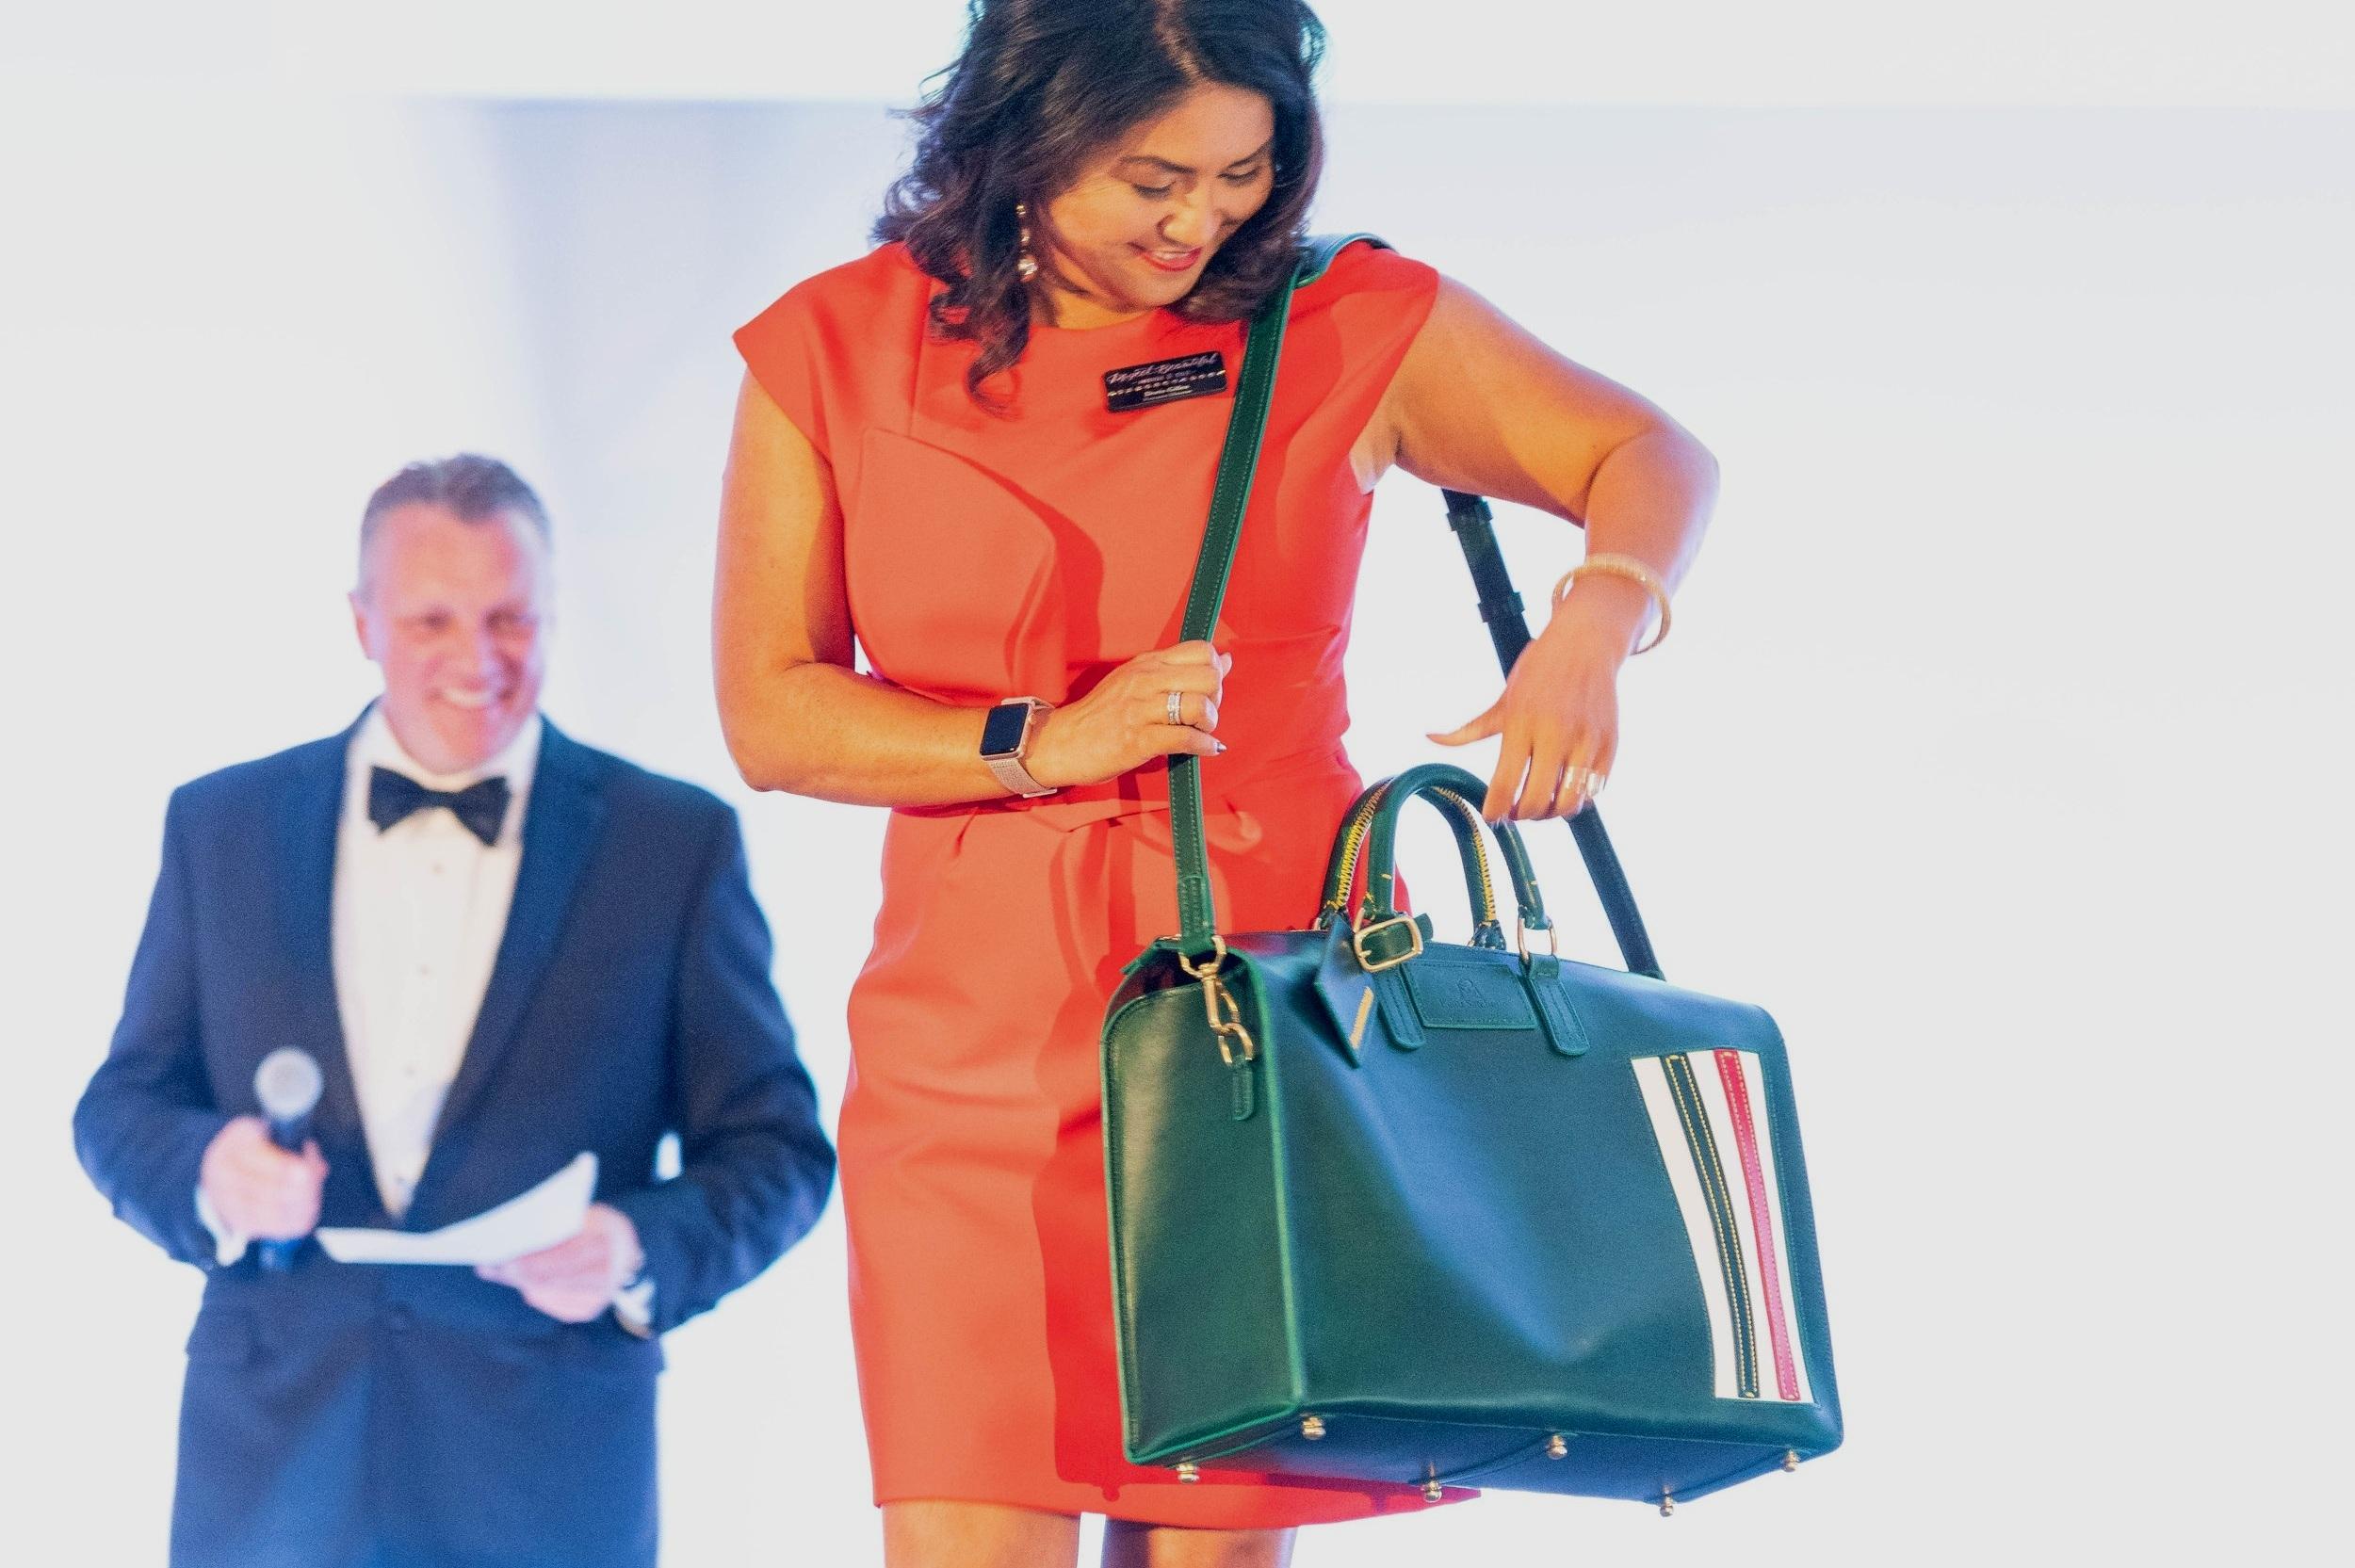 Bespoke Italian Race- Inspired Duffle Bag by Beau Satchelle, Detroit!